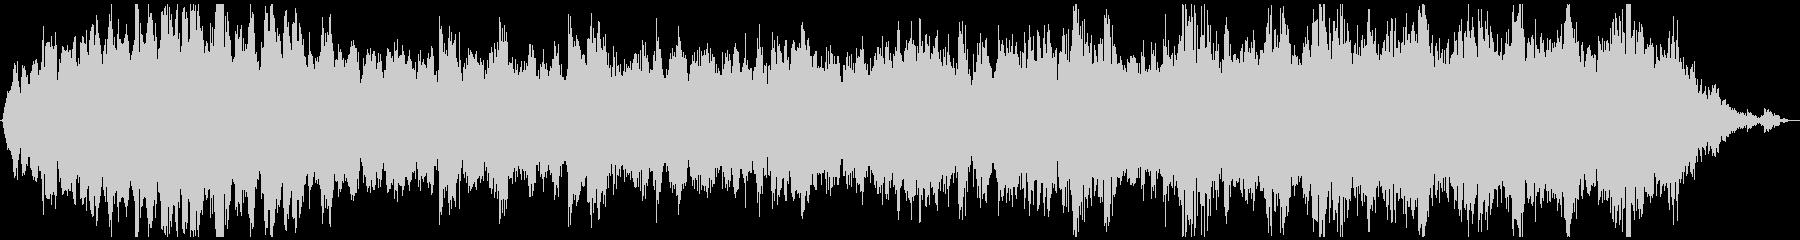 ドローン バブリングブルック01の未再生の波形